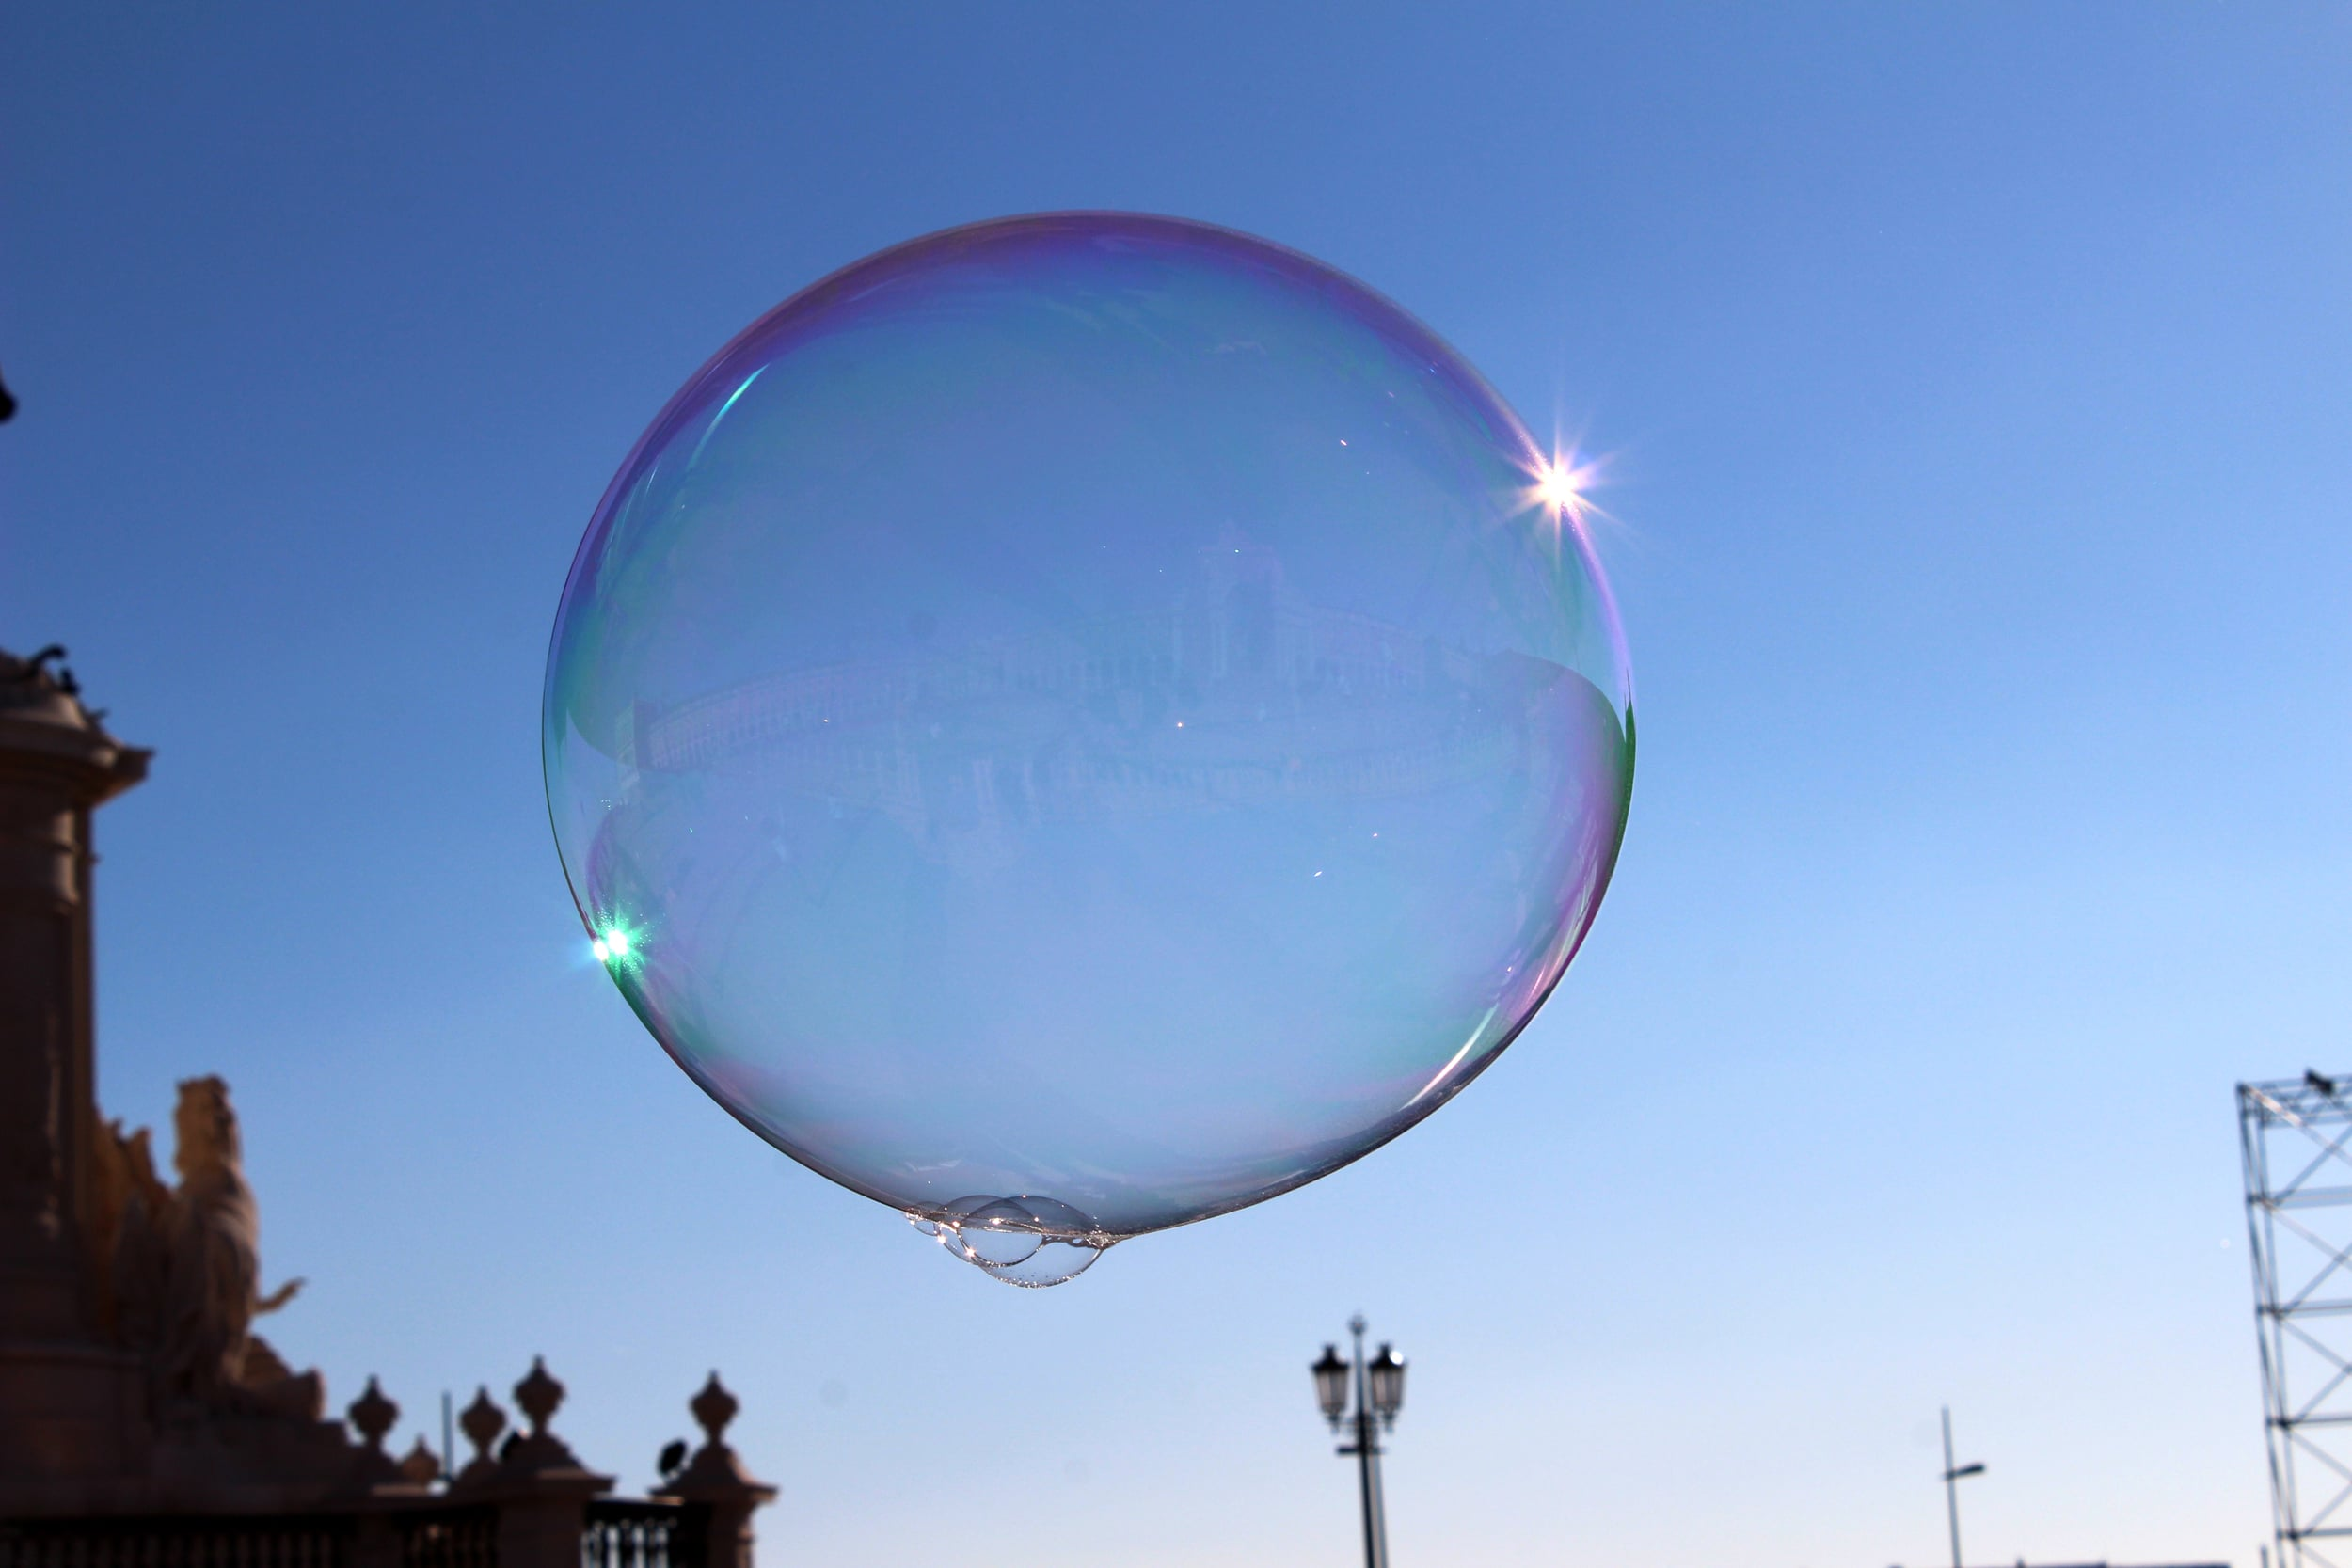 Portuguese bubbles